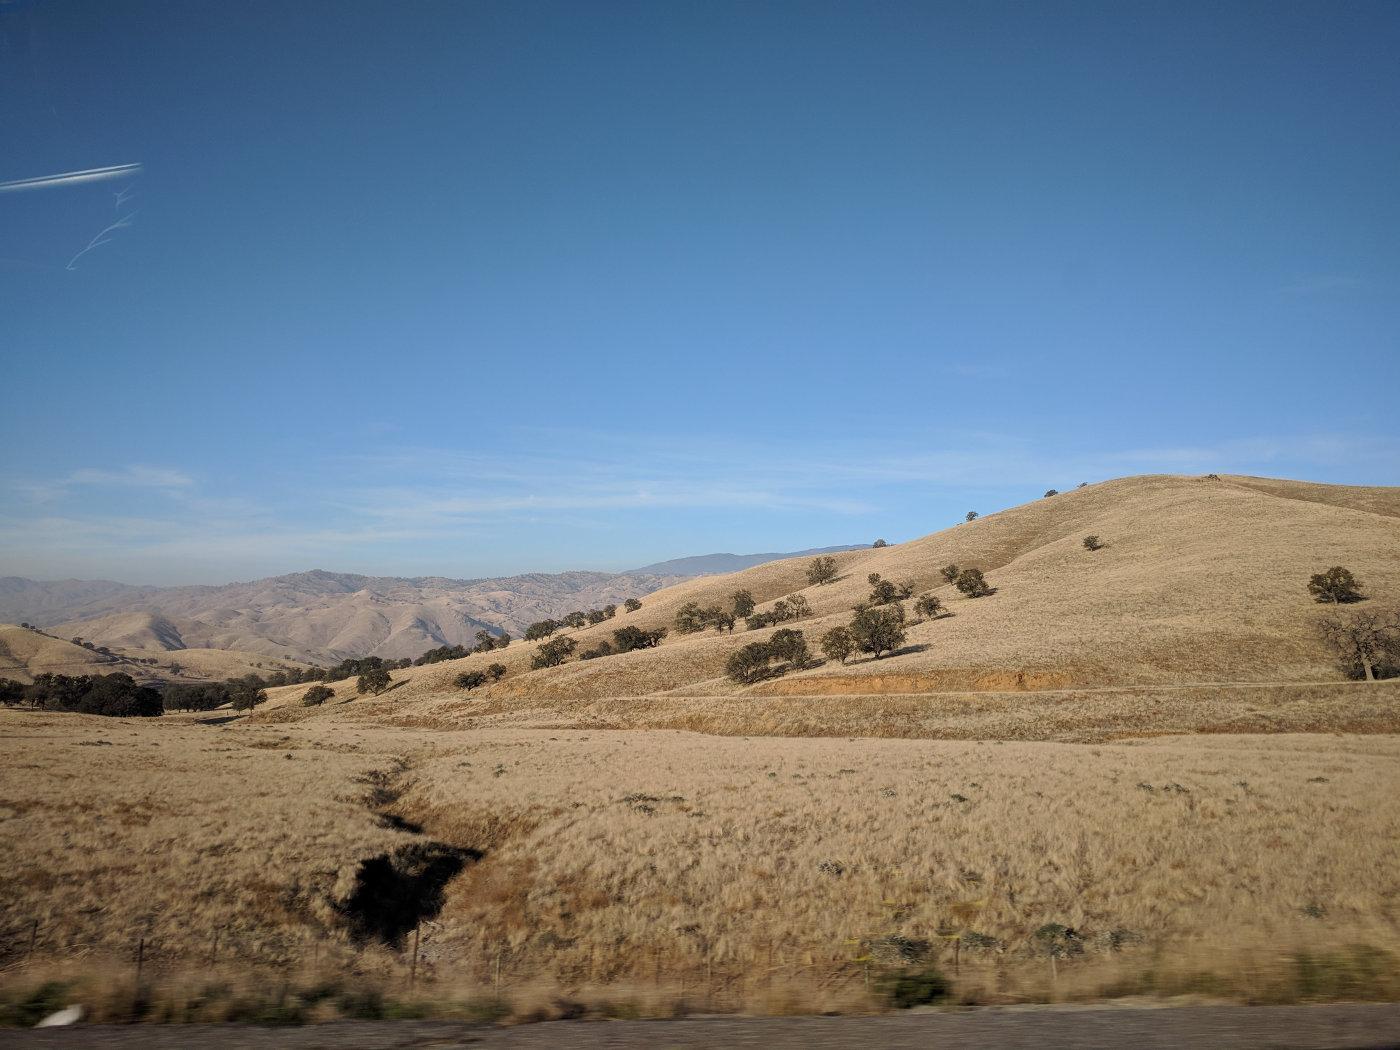 More Cali Wüste